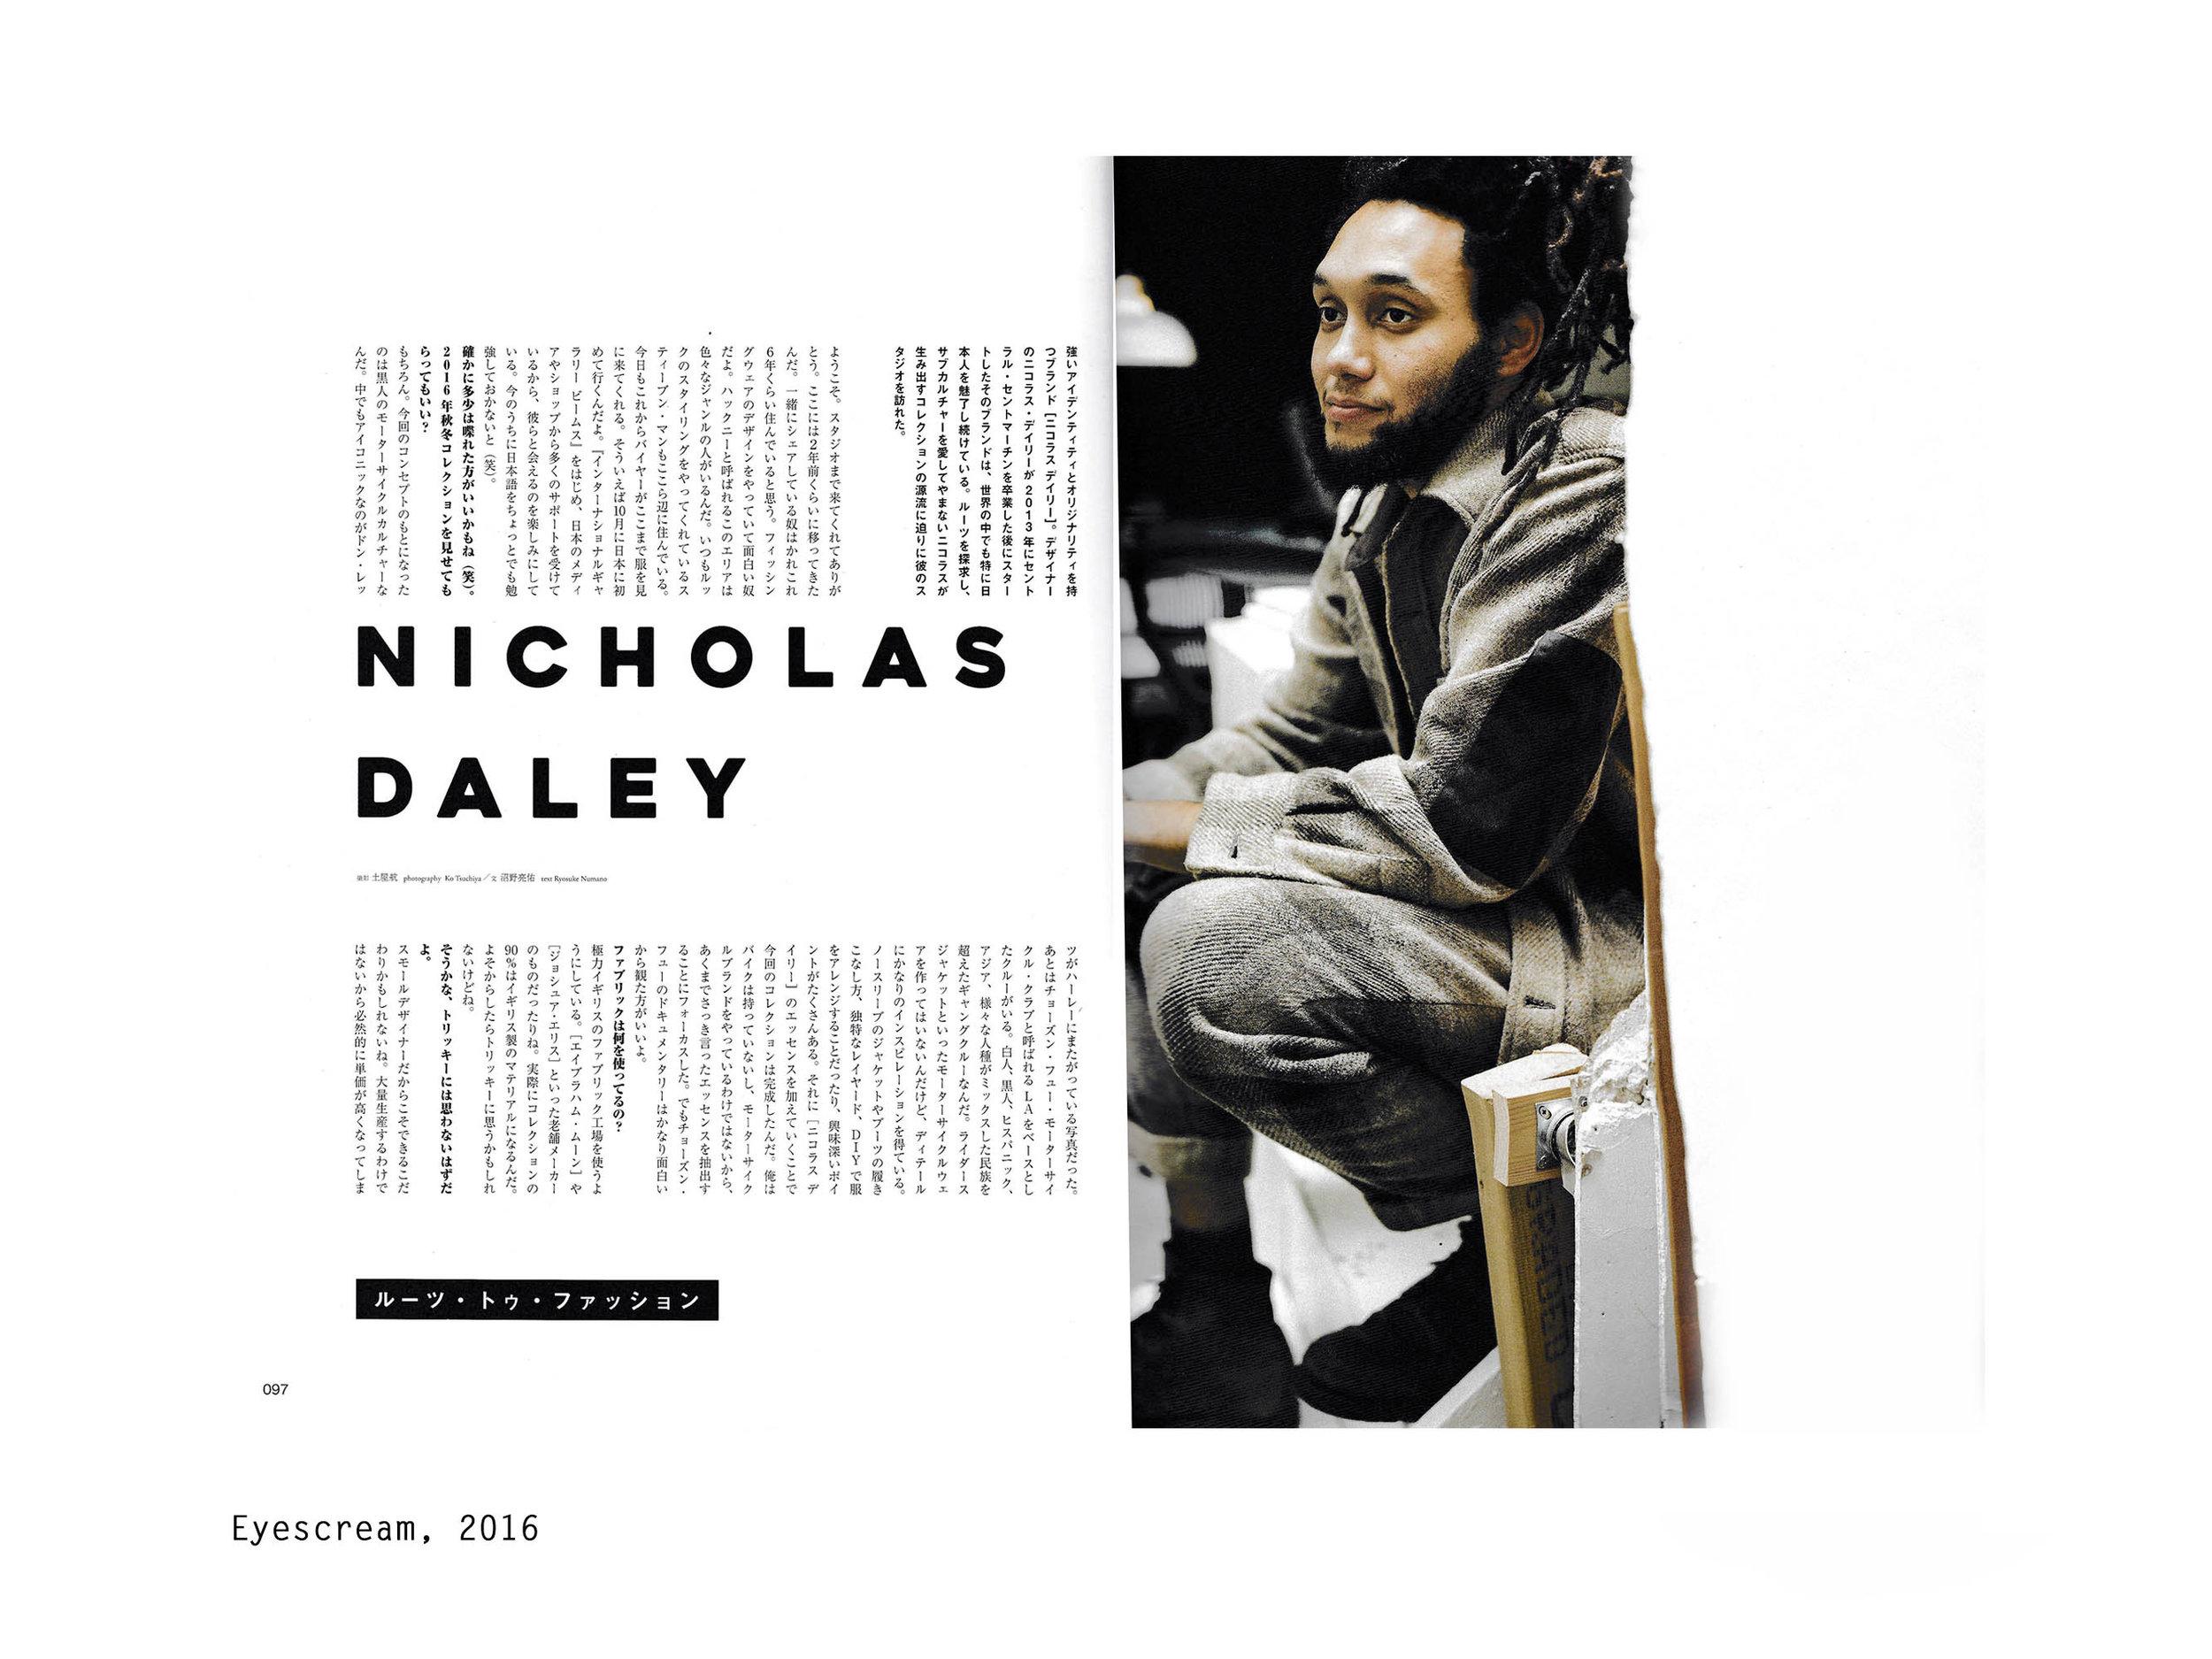 Nicholas eyescream.jpg